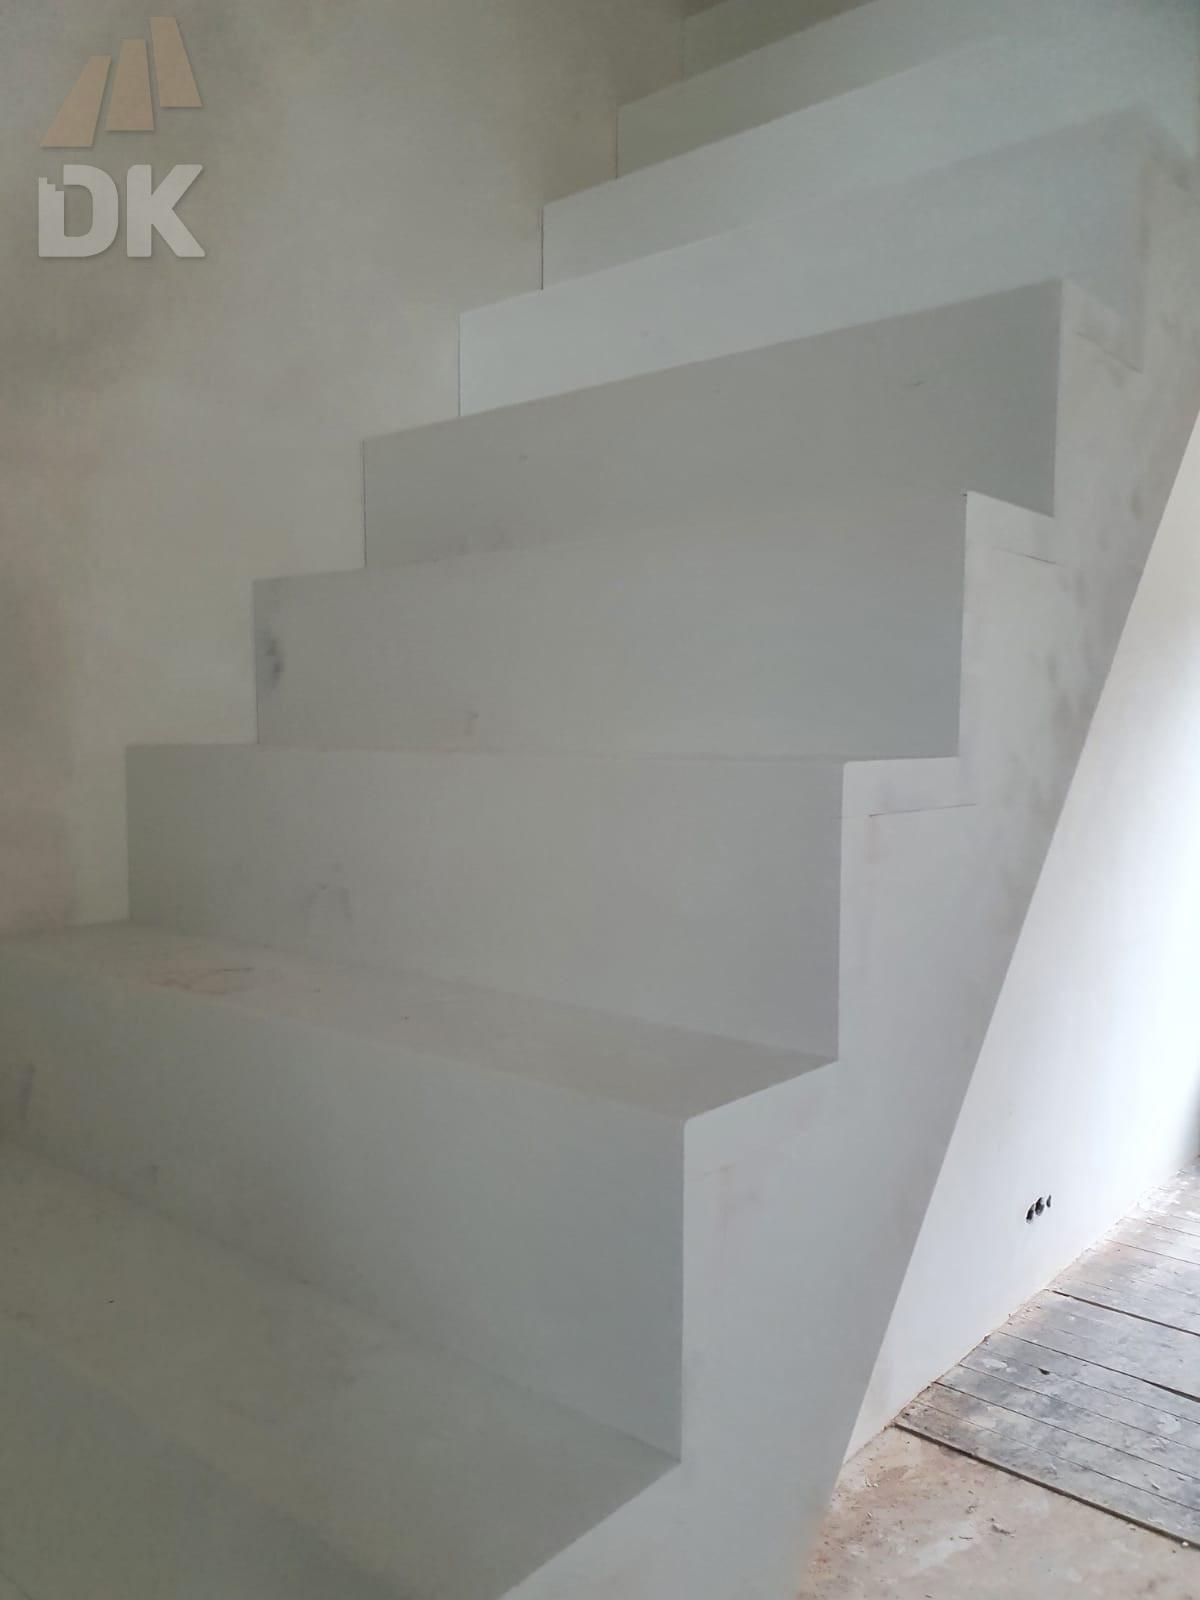 Bloktrap met bordes - Foto 3